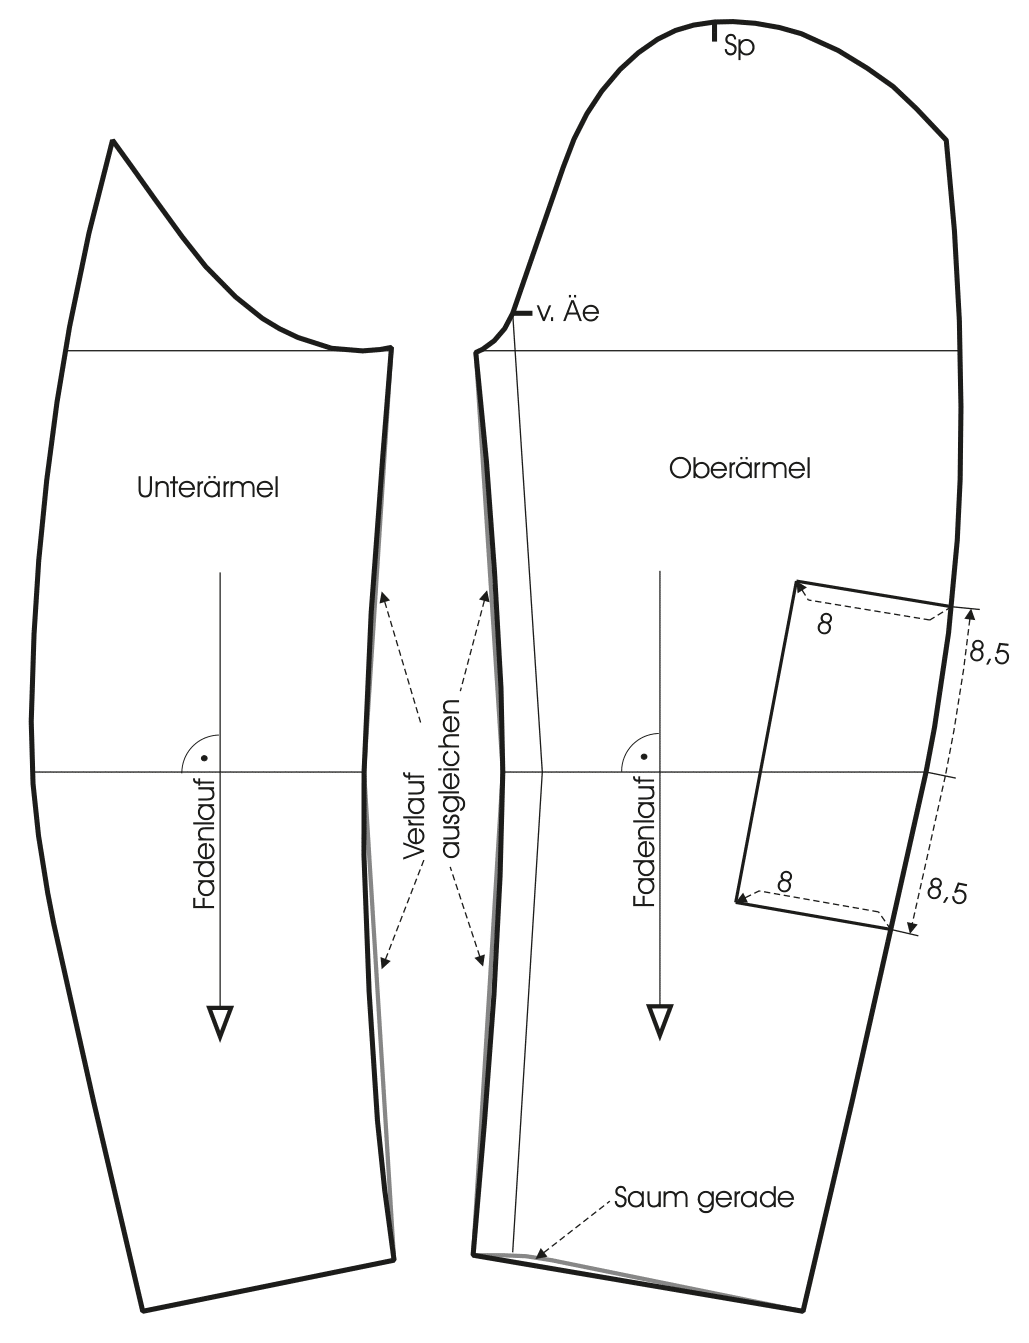 Schntittechnik eines Ärmels für eine Jacke-